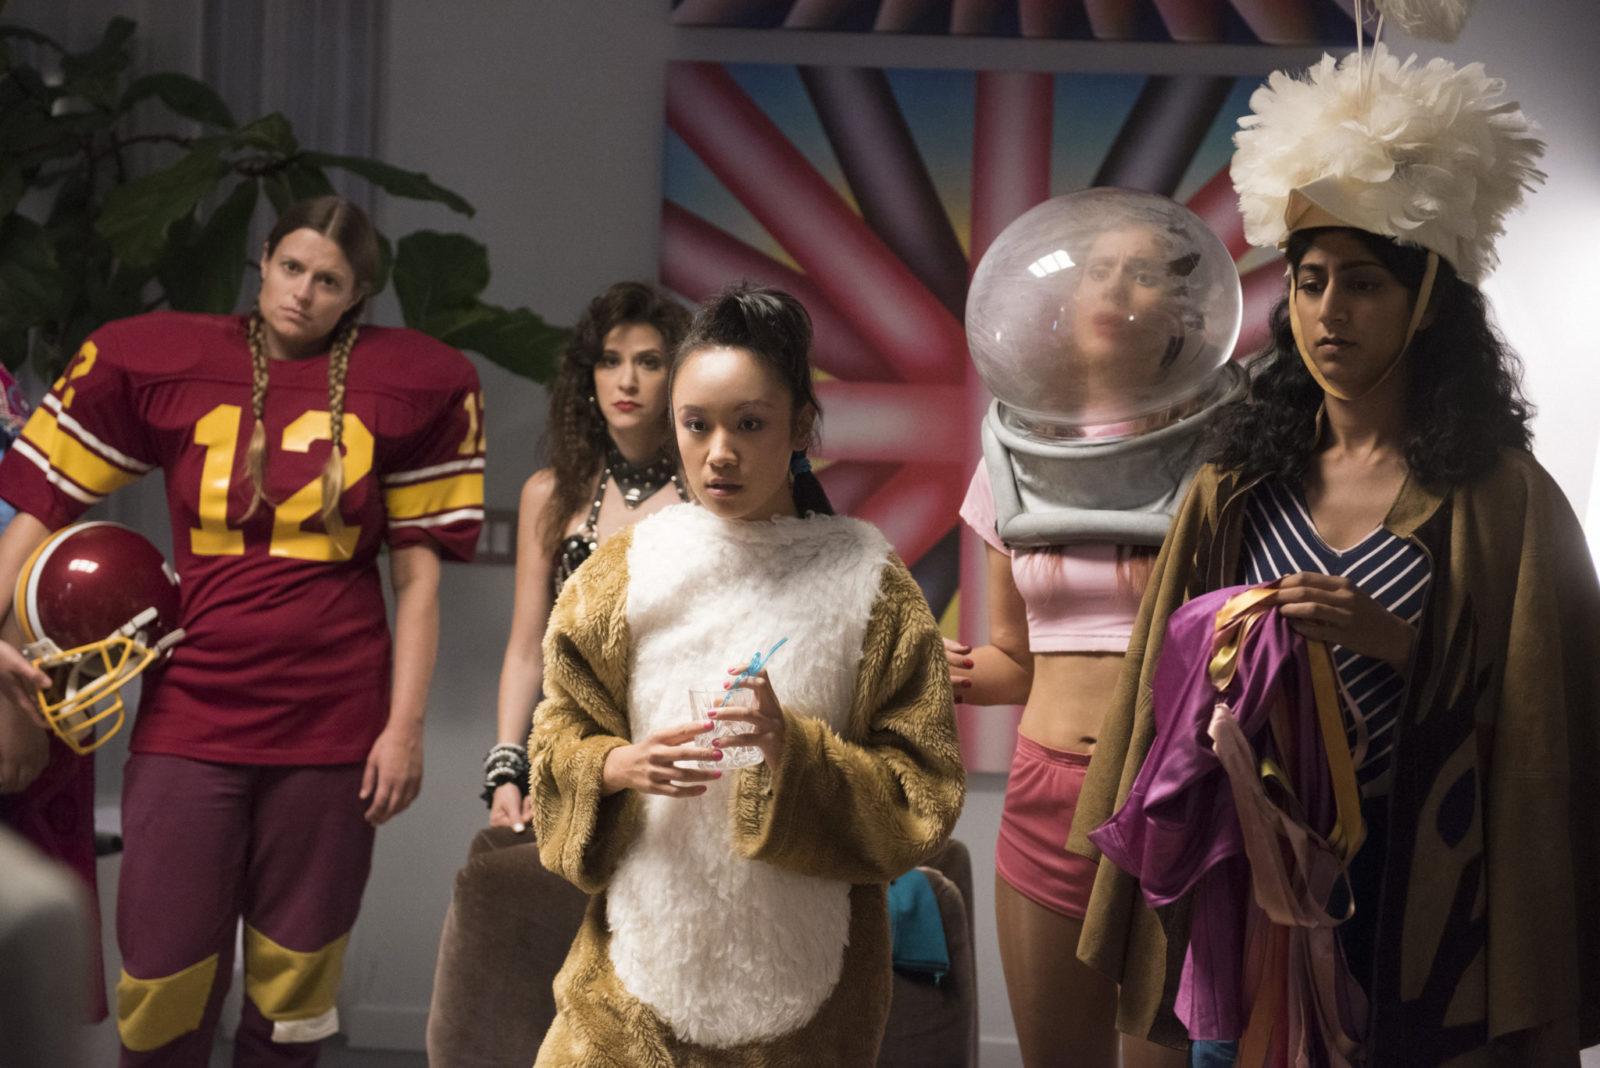 Dziewczyny stojące w różnych kostiumach